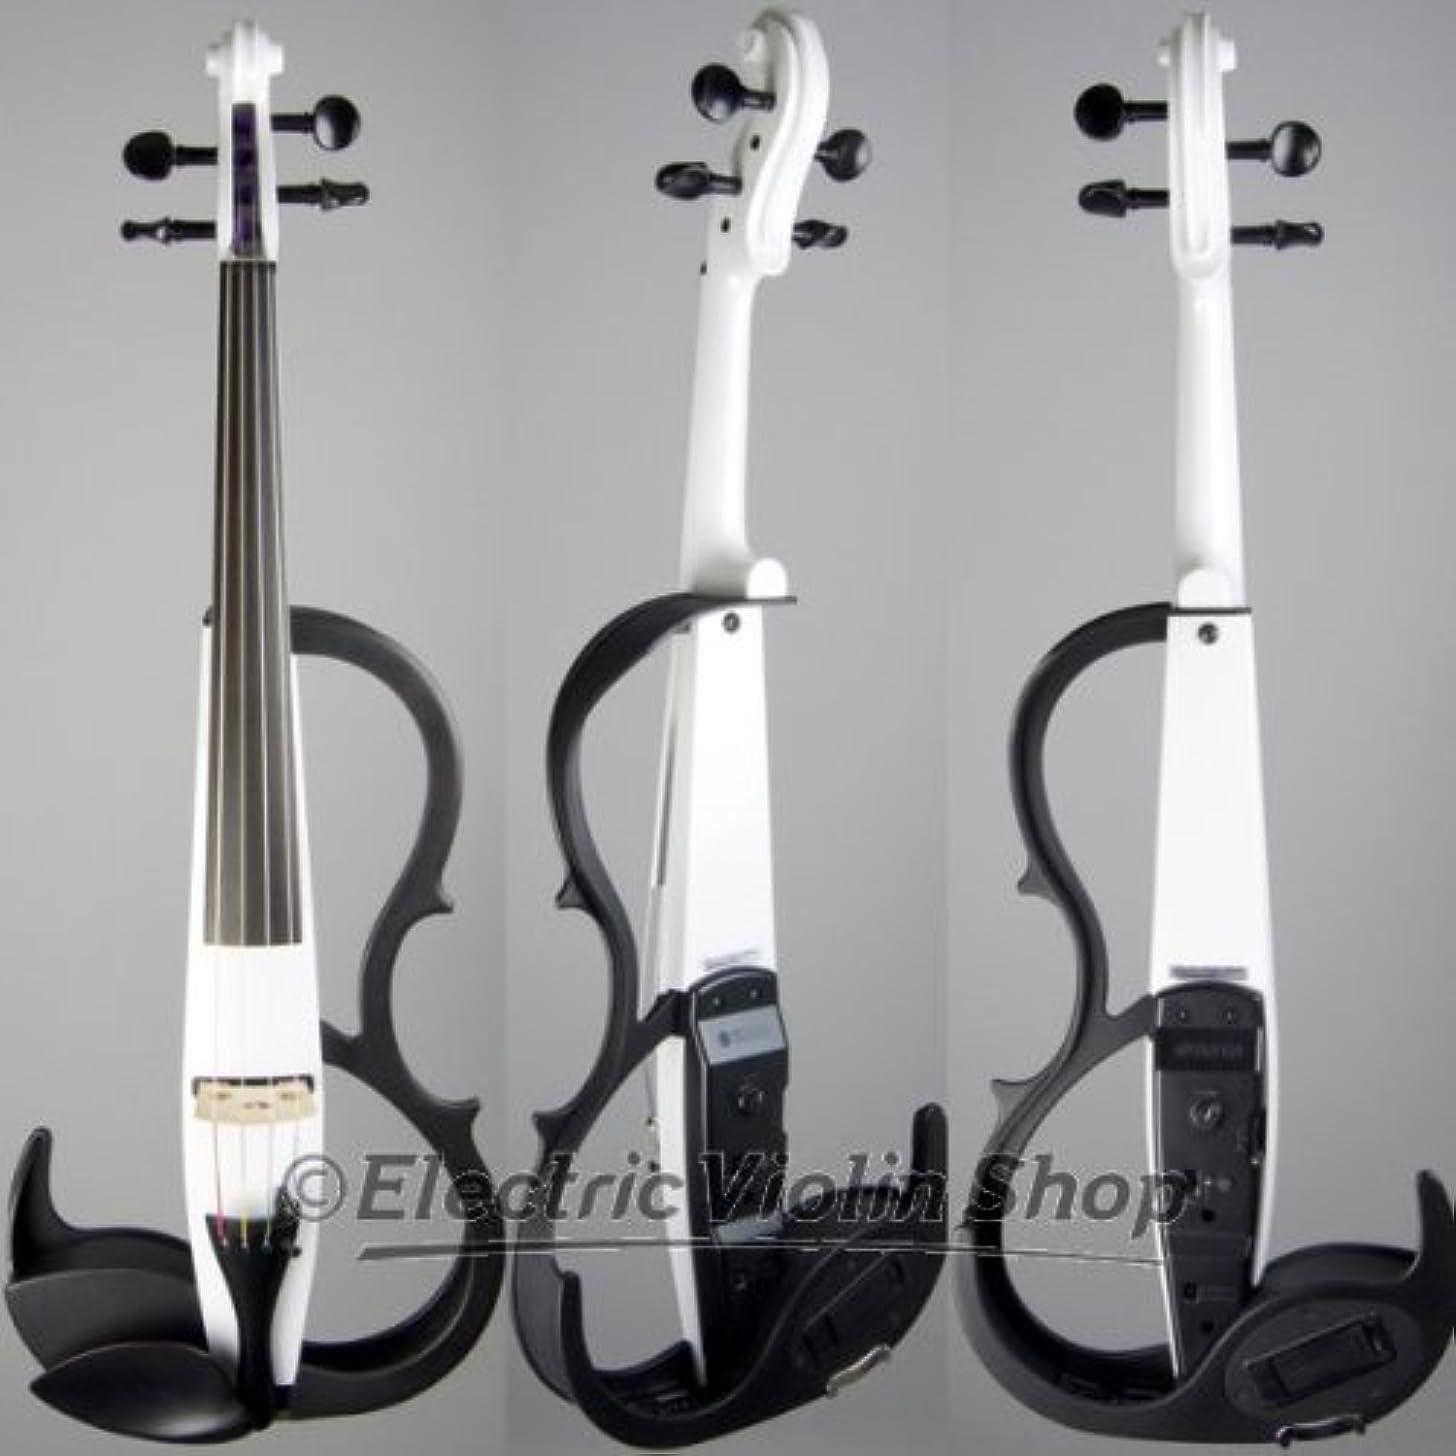 Yamaha SVV-200K Silent Viola, Pearl White